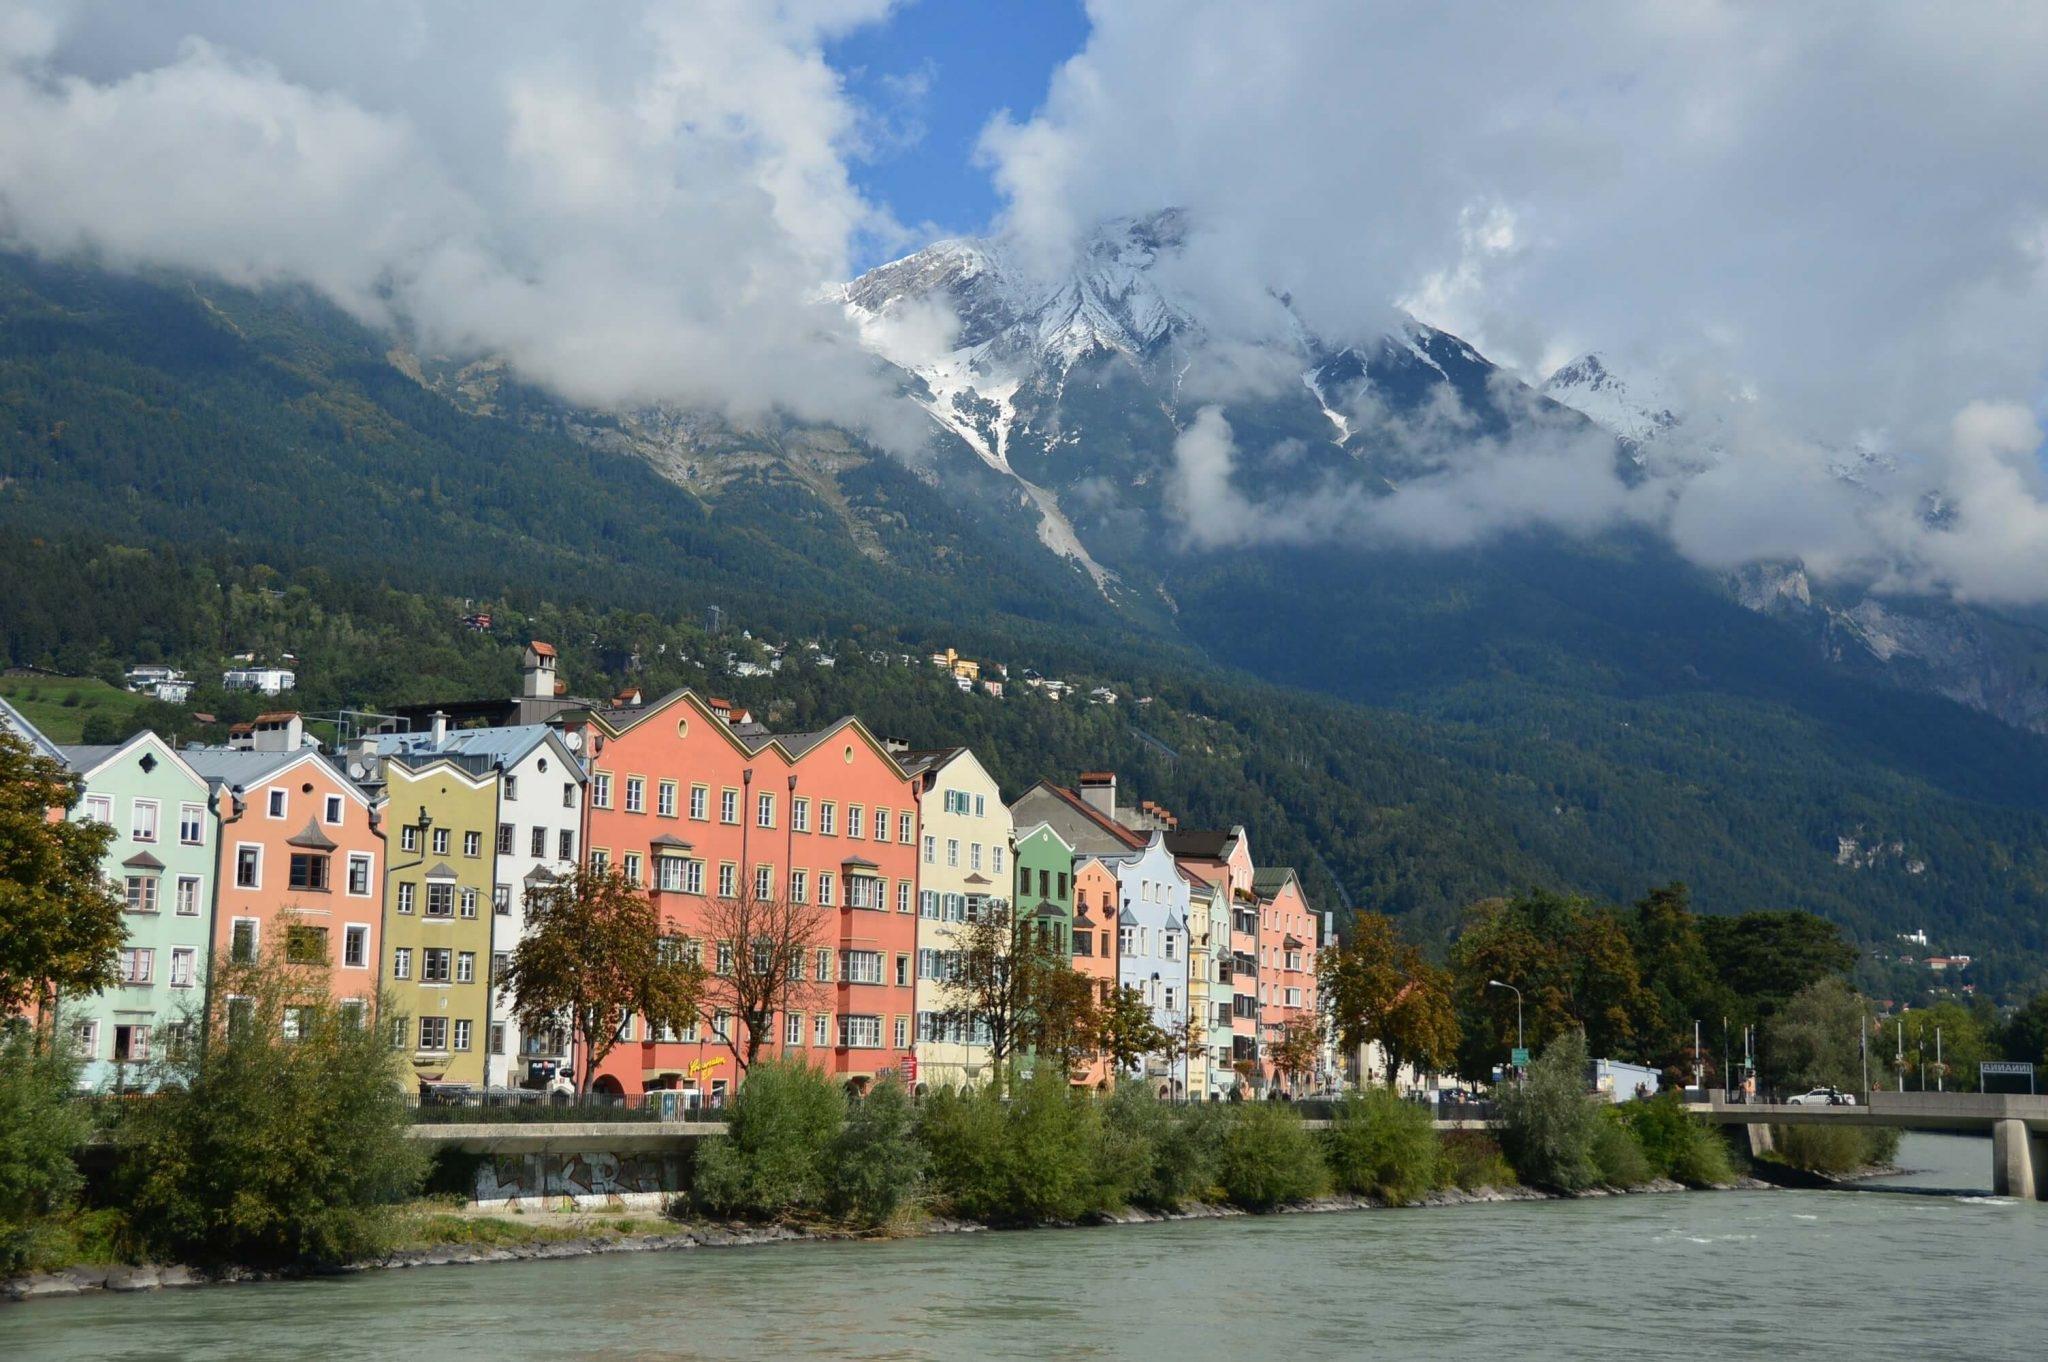 Innsbruck Highlights: What to do on an Innsbruck Layover